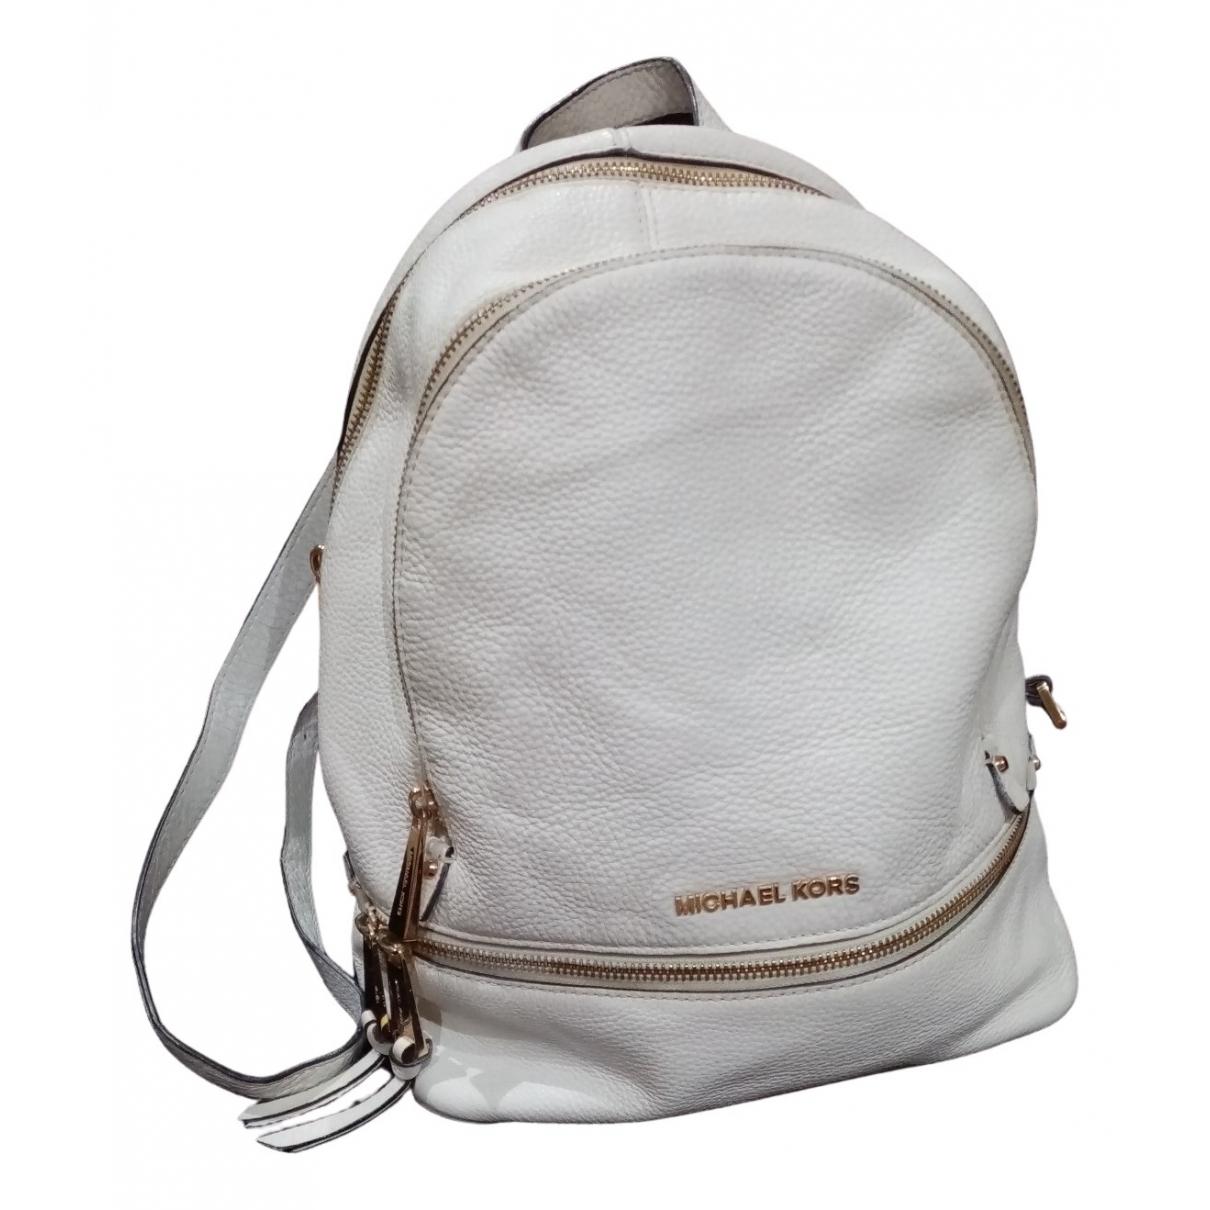 Michael Kors - Sac a dos   pour femme en cuir - blanc